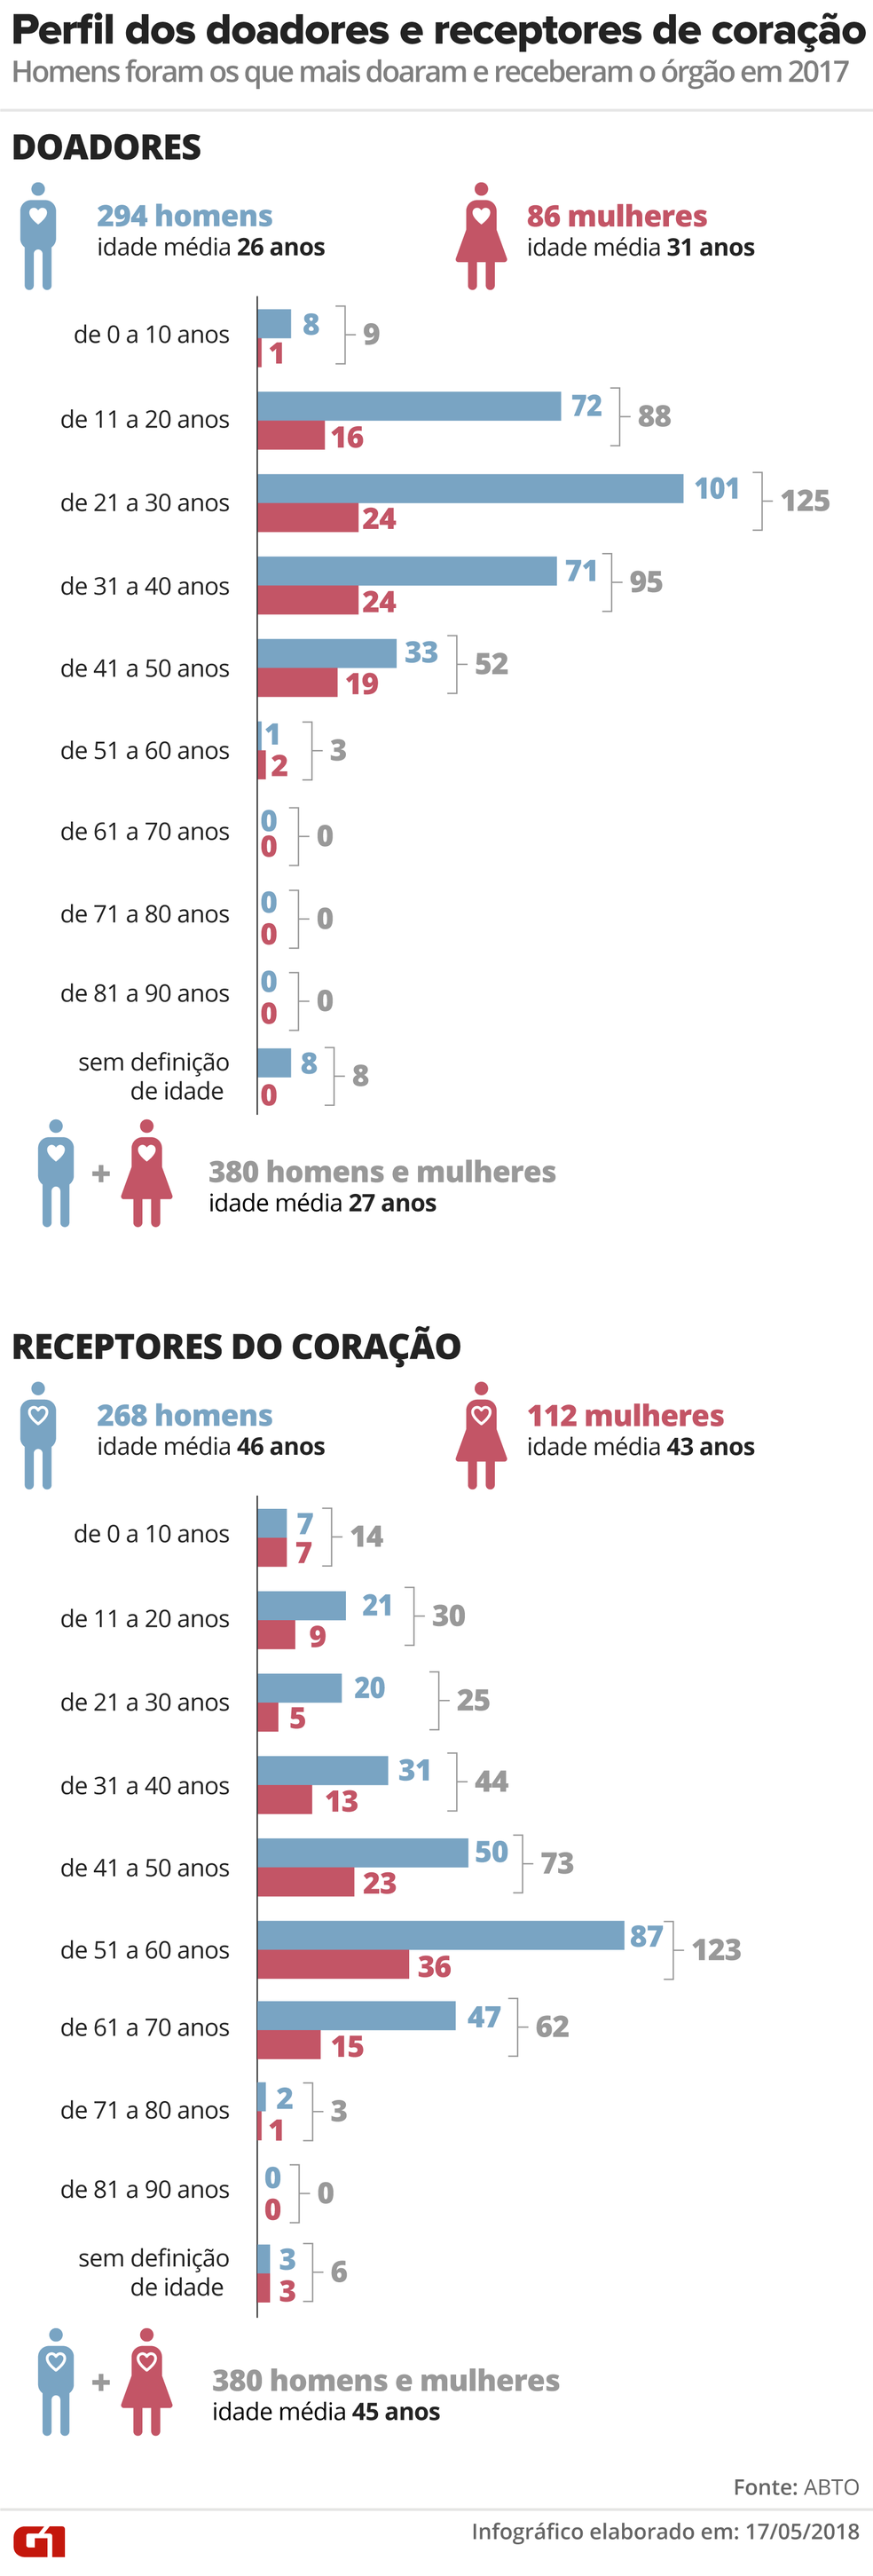 Perfil dos doadores e receptores dos transplantes de coração no Brasil (Foto: Alexandre Mauro/G1)